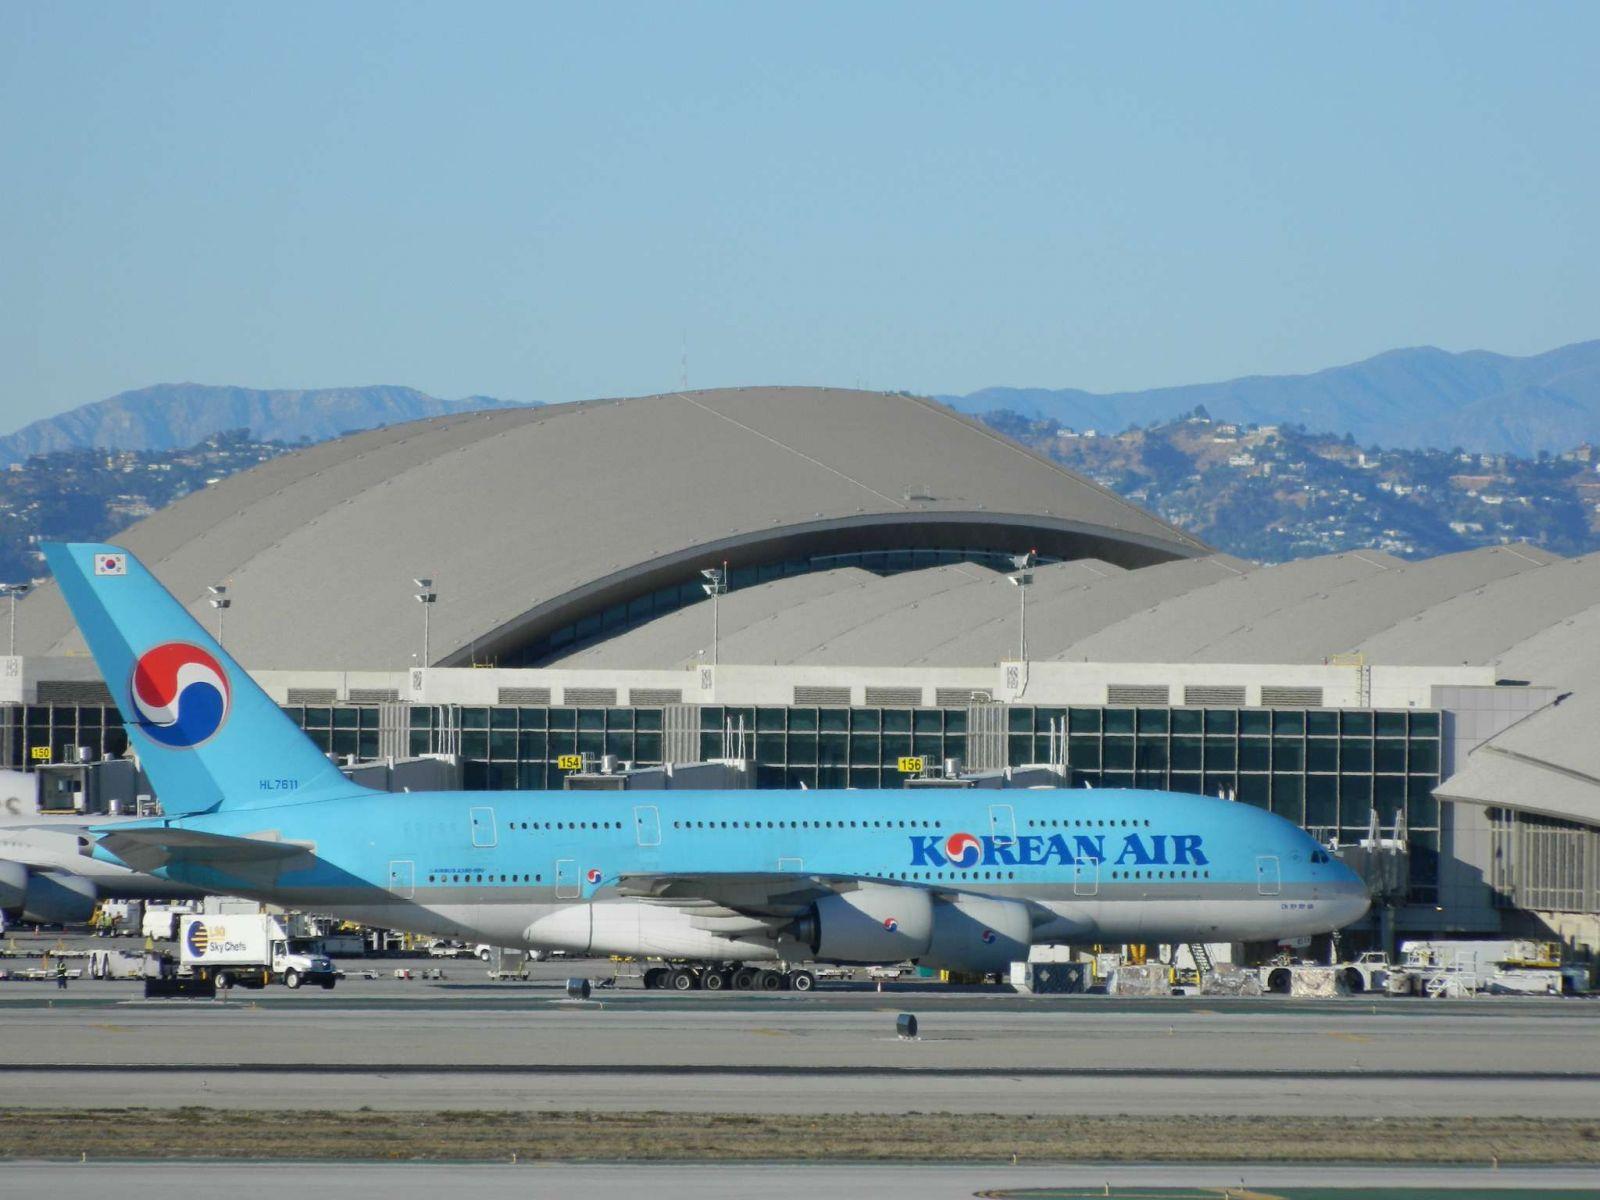 Tận hưởng không gian văn hóa tại sân bay Incheon khi đặt vé máy bay đi Mỹ từ Korea